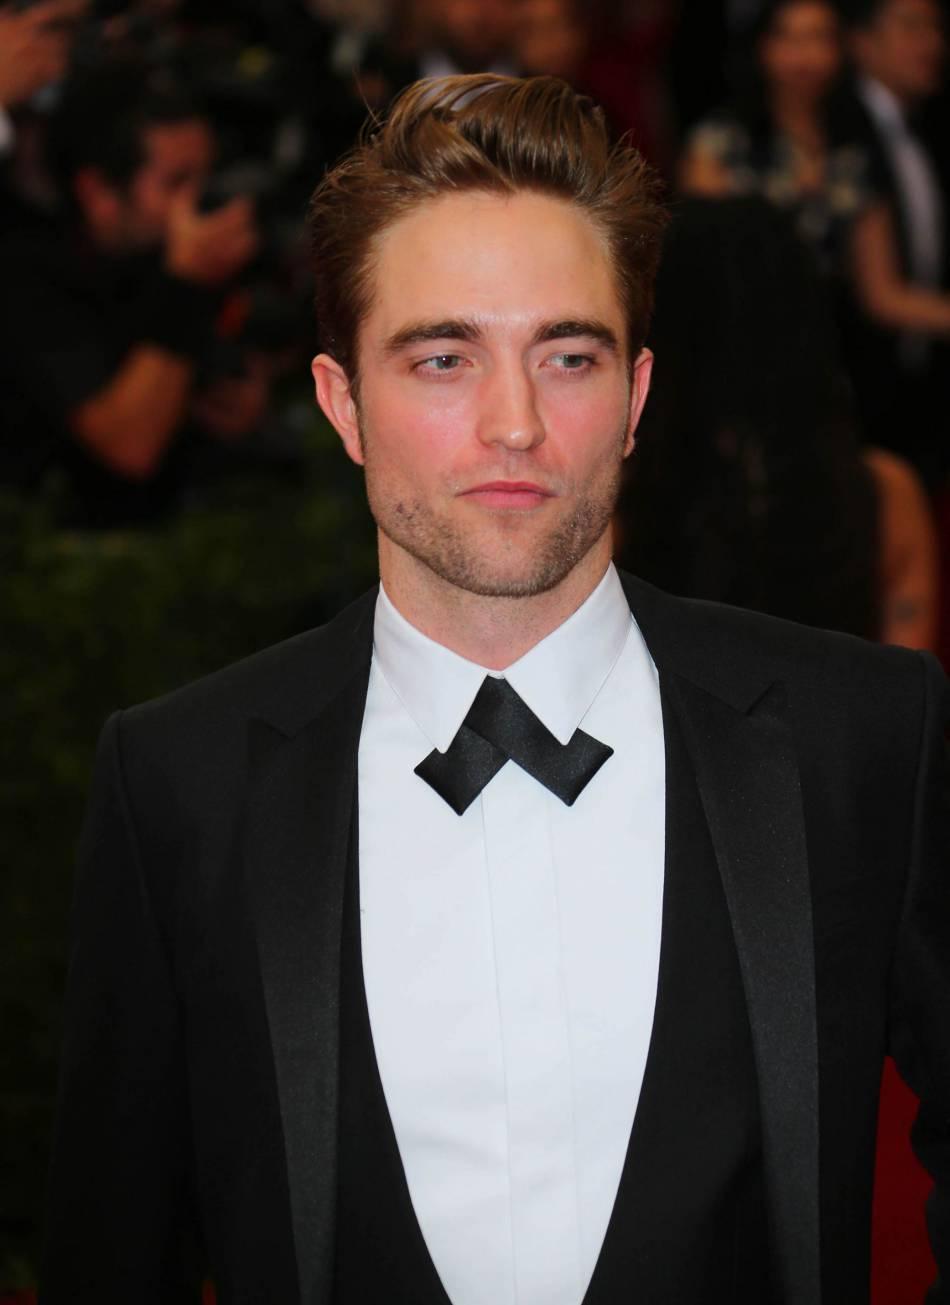 Déjà égérie du parfum Dior Homme, Robert Pattinson devient celle du prêt-à-porter Automne 2016 Dior Homme.